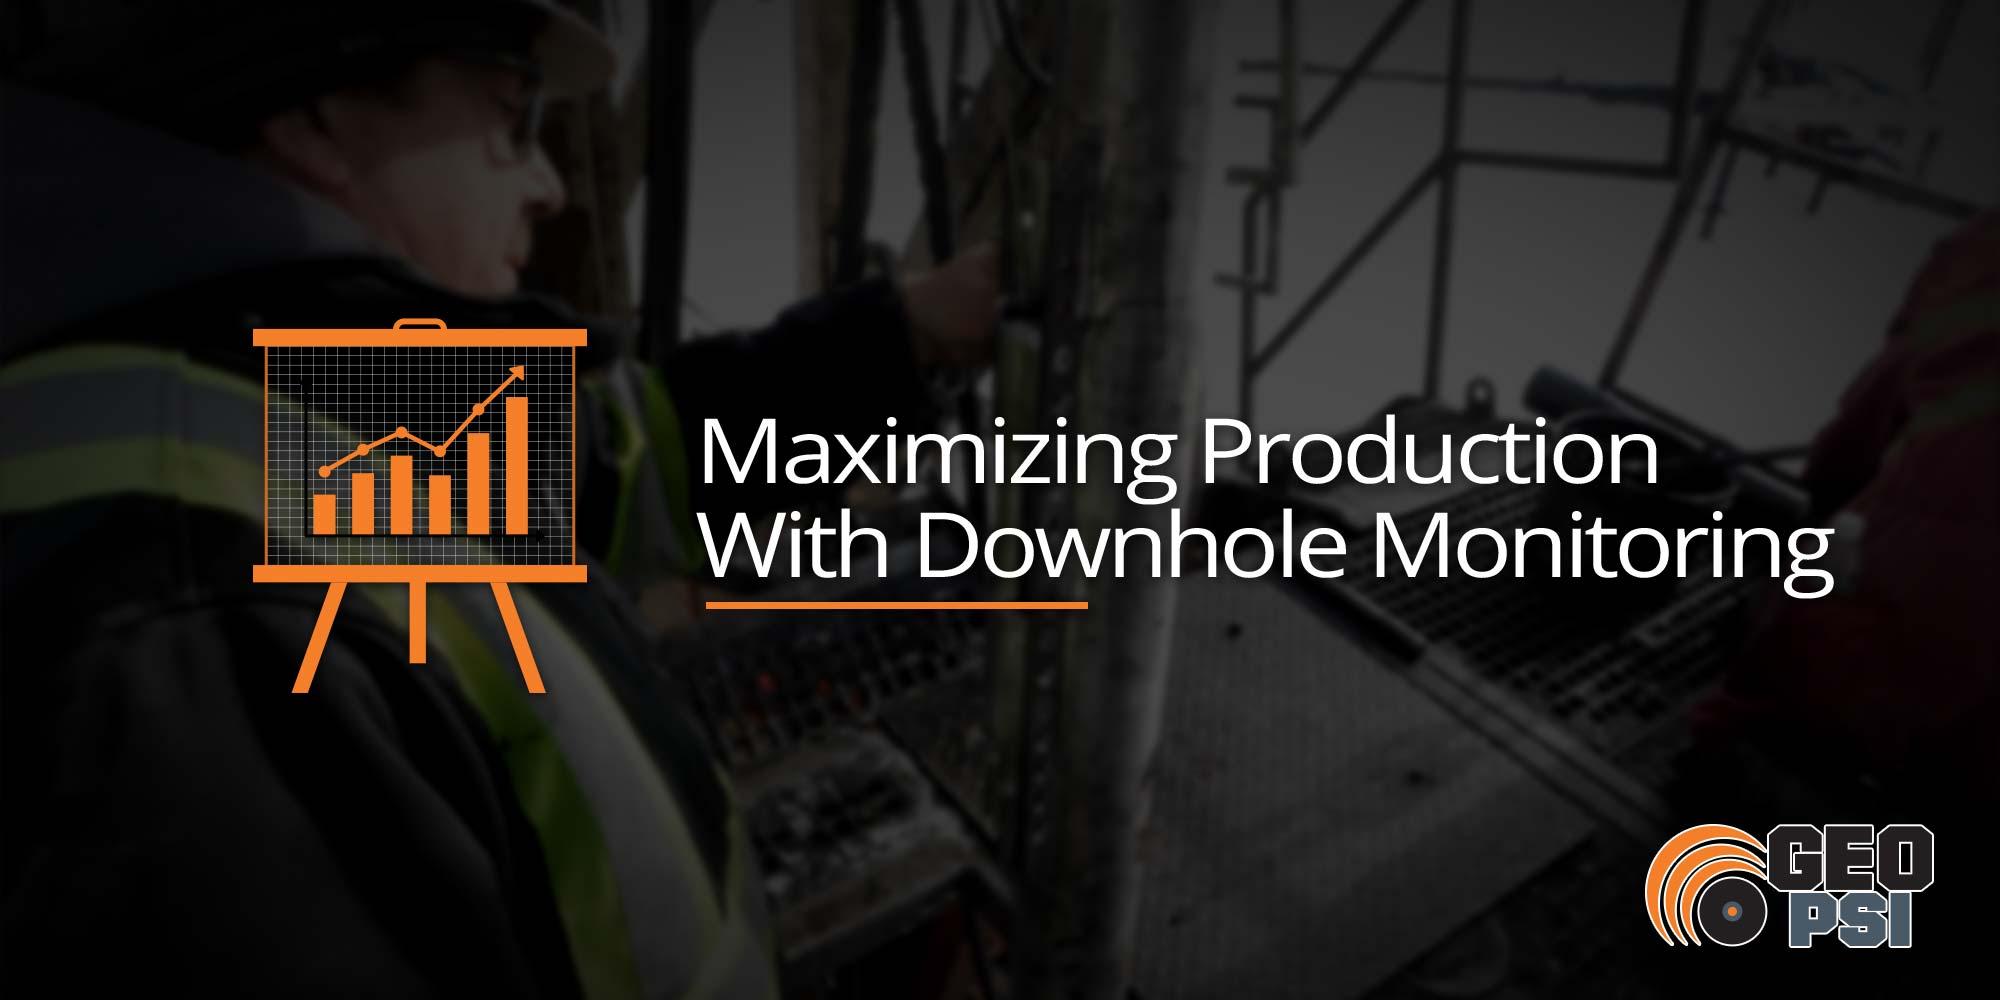 Maximizing Production With Downhole Monitoring